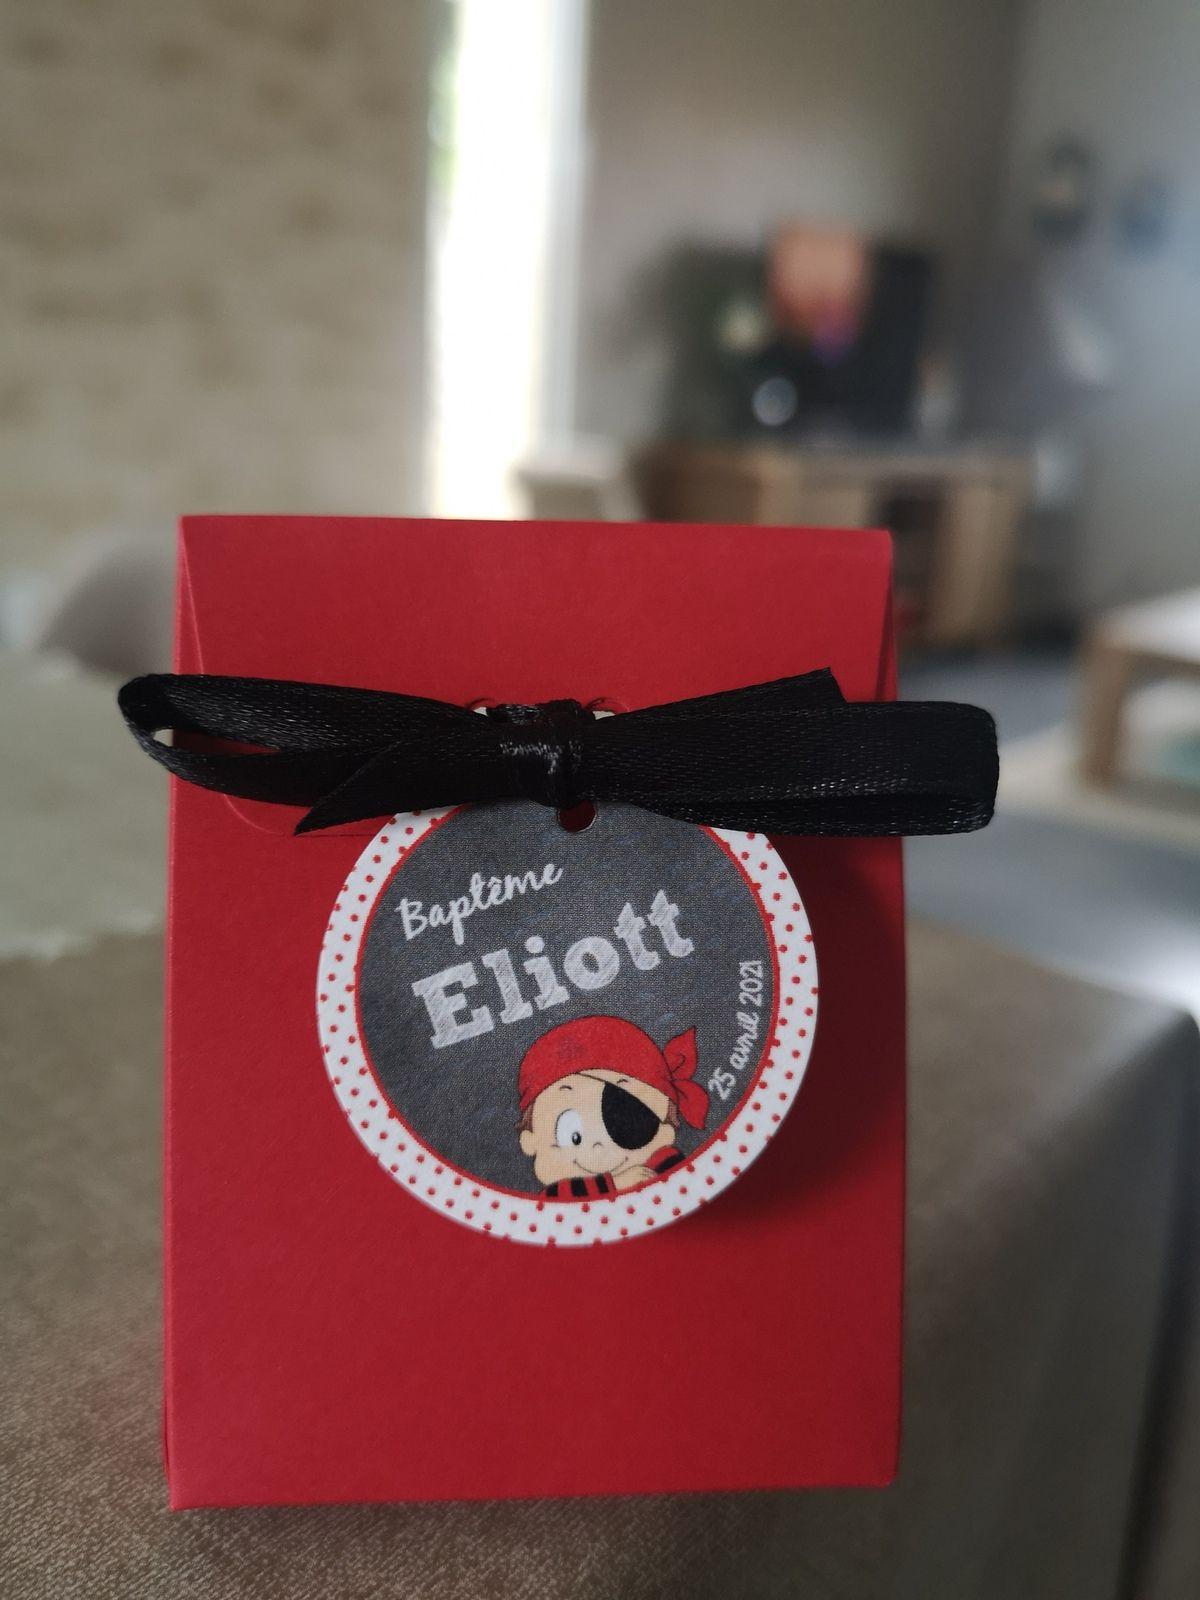 étiquette non adhésive 35mm #efdcbysoscrap création originale et sur mesure pirate pois rouge et ardoise à personnaliser